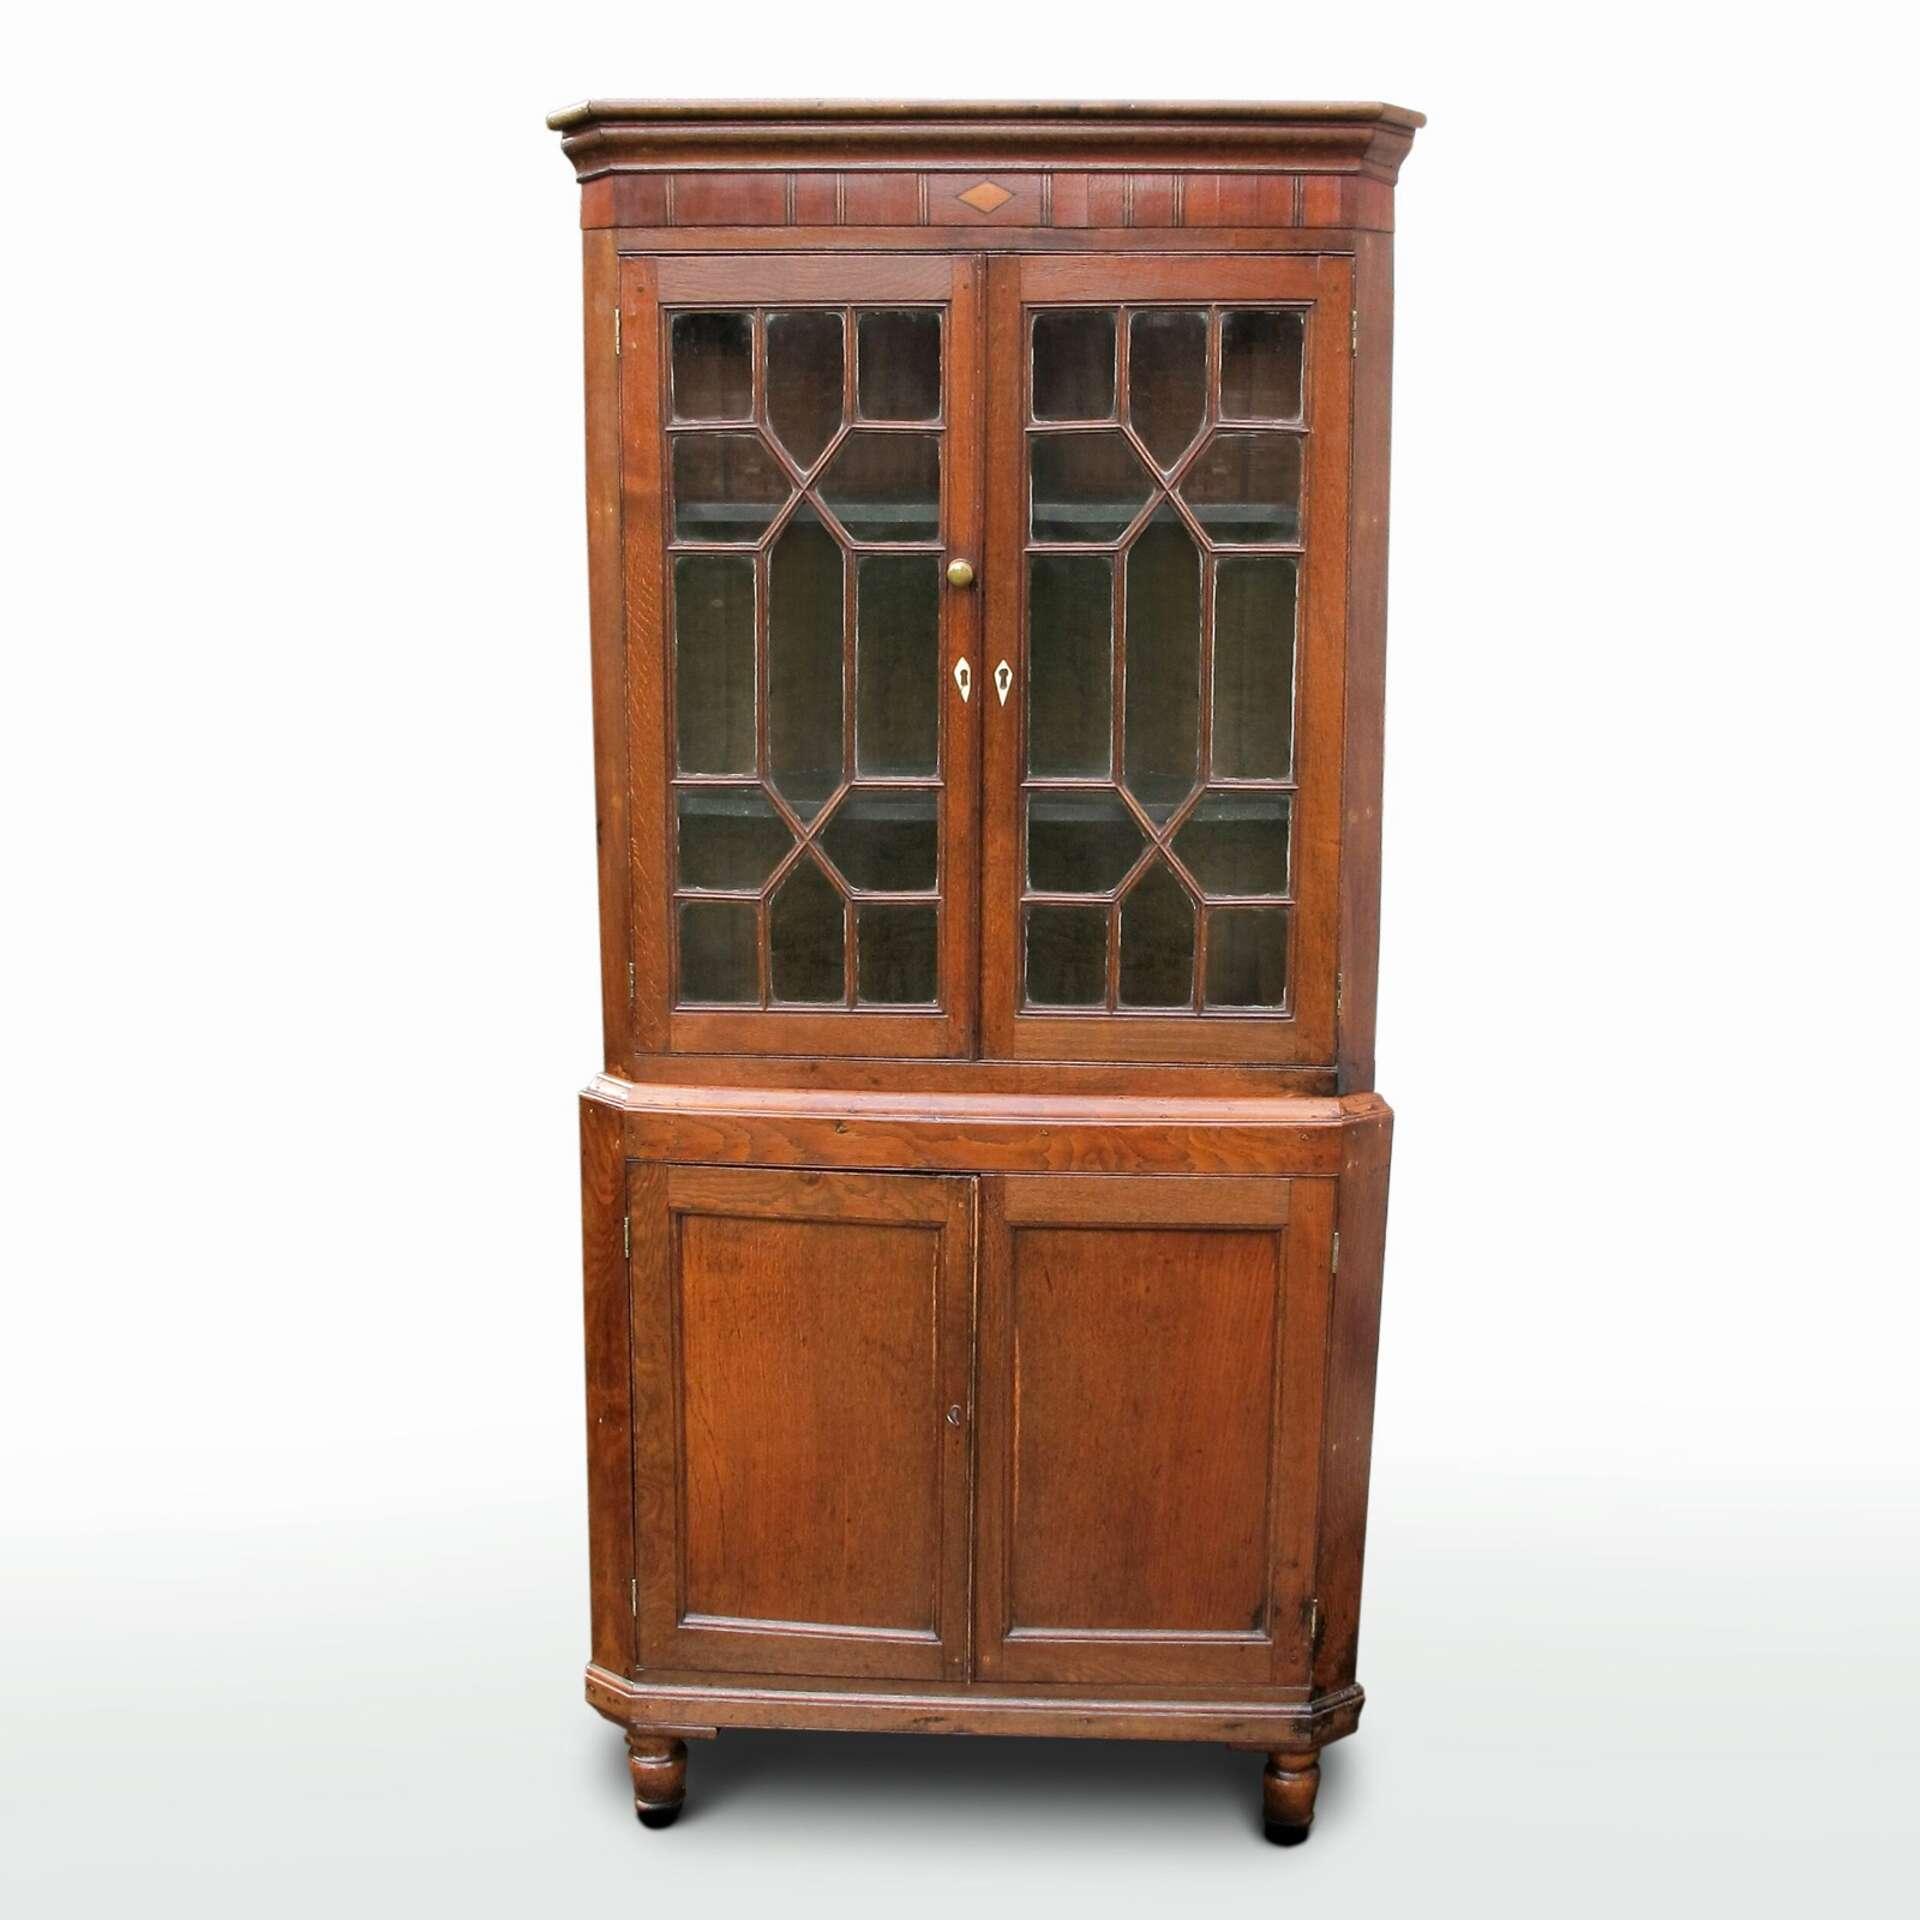 oak corner display cabinet for sale